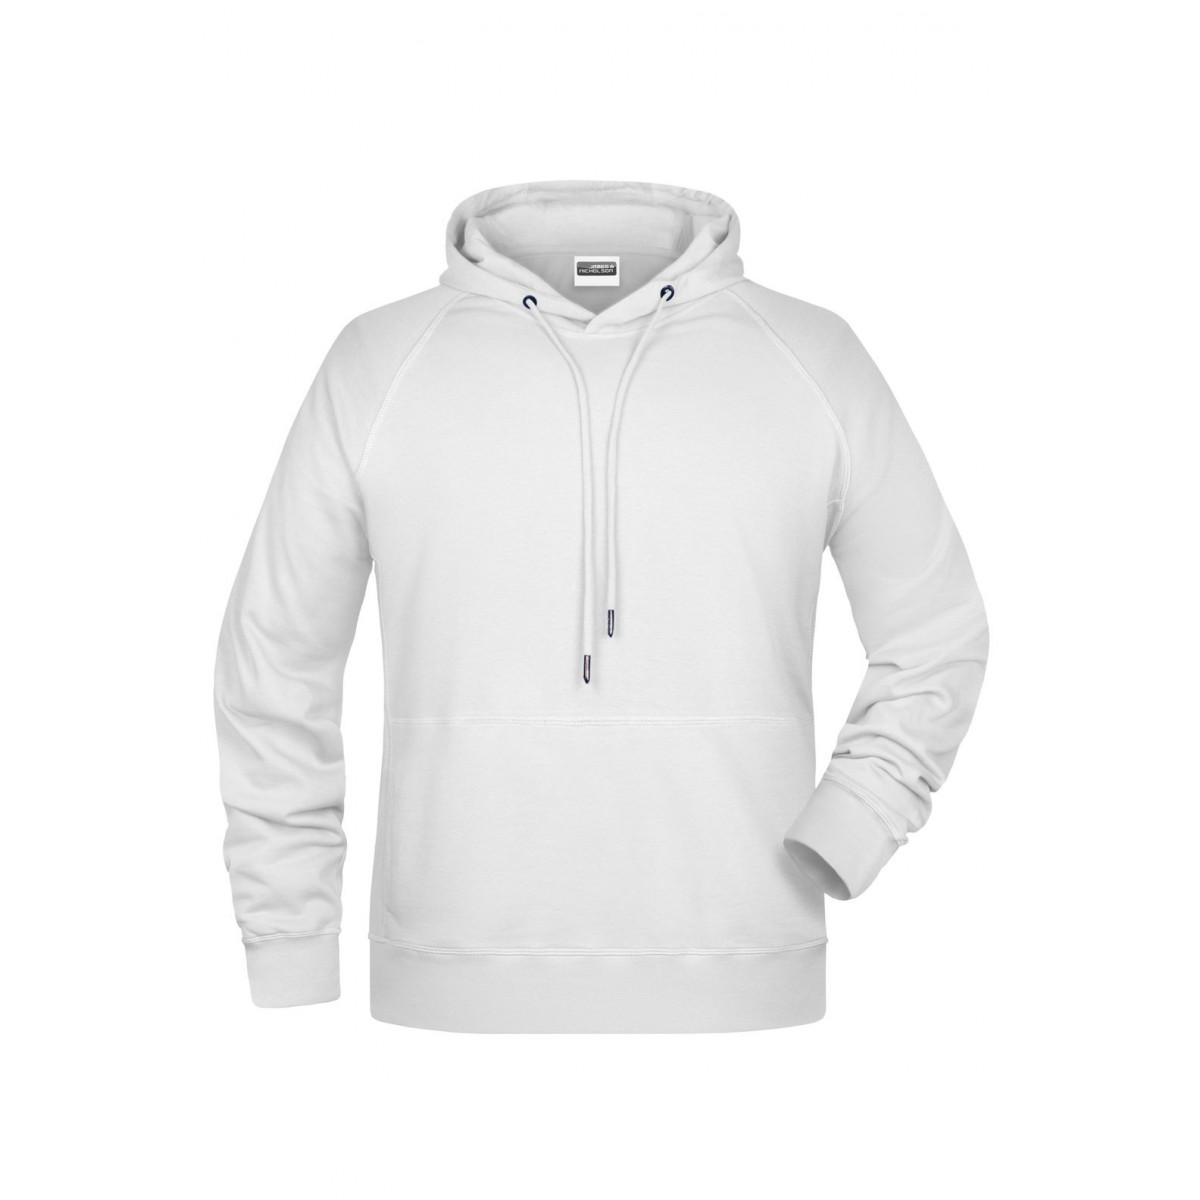 Толстовка мужская 8024 Mens Hoody - Белый